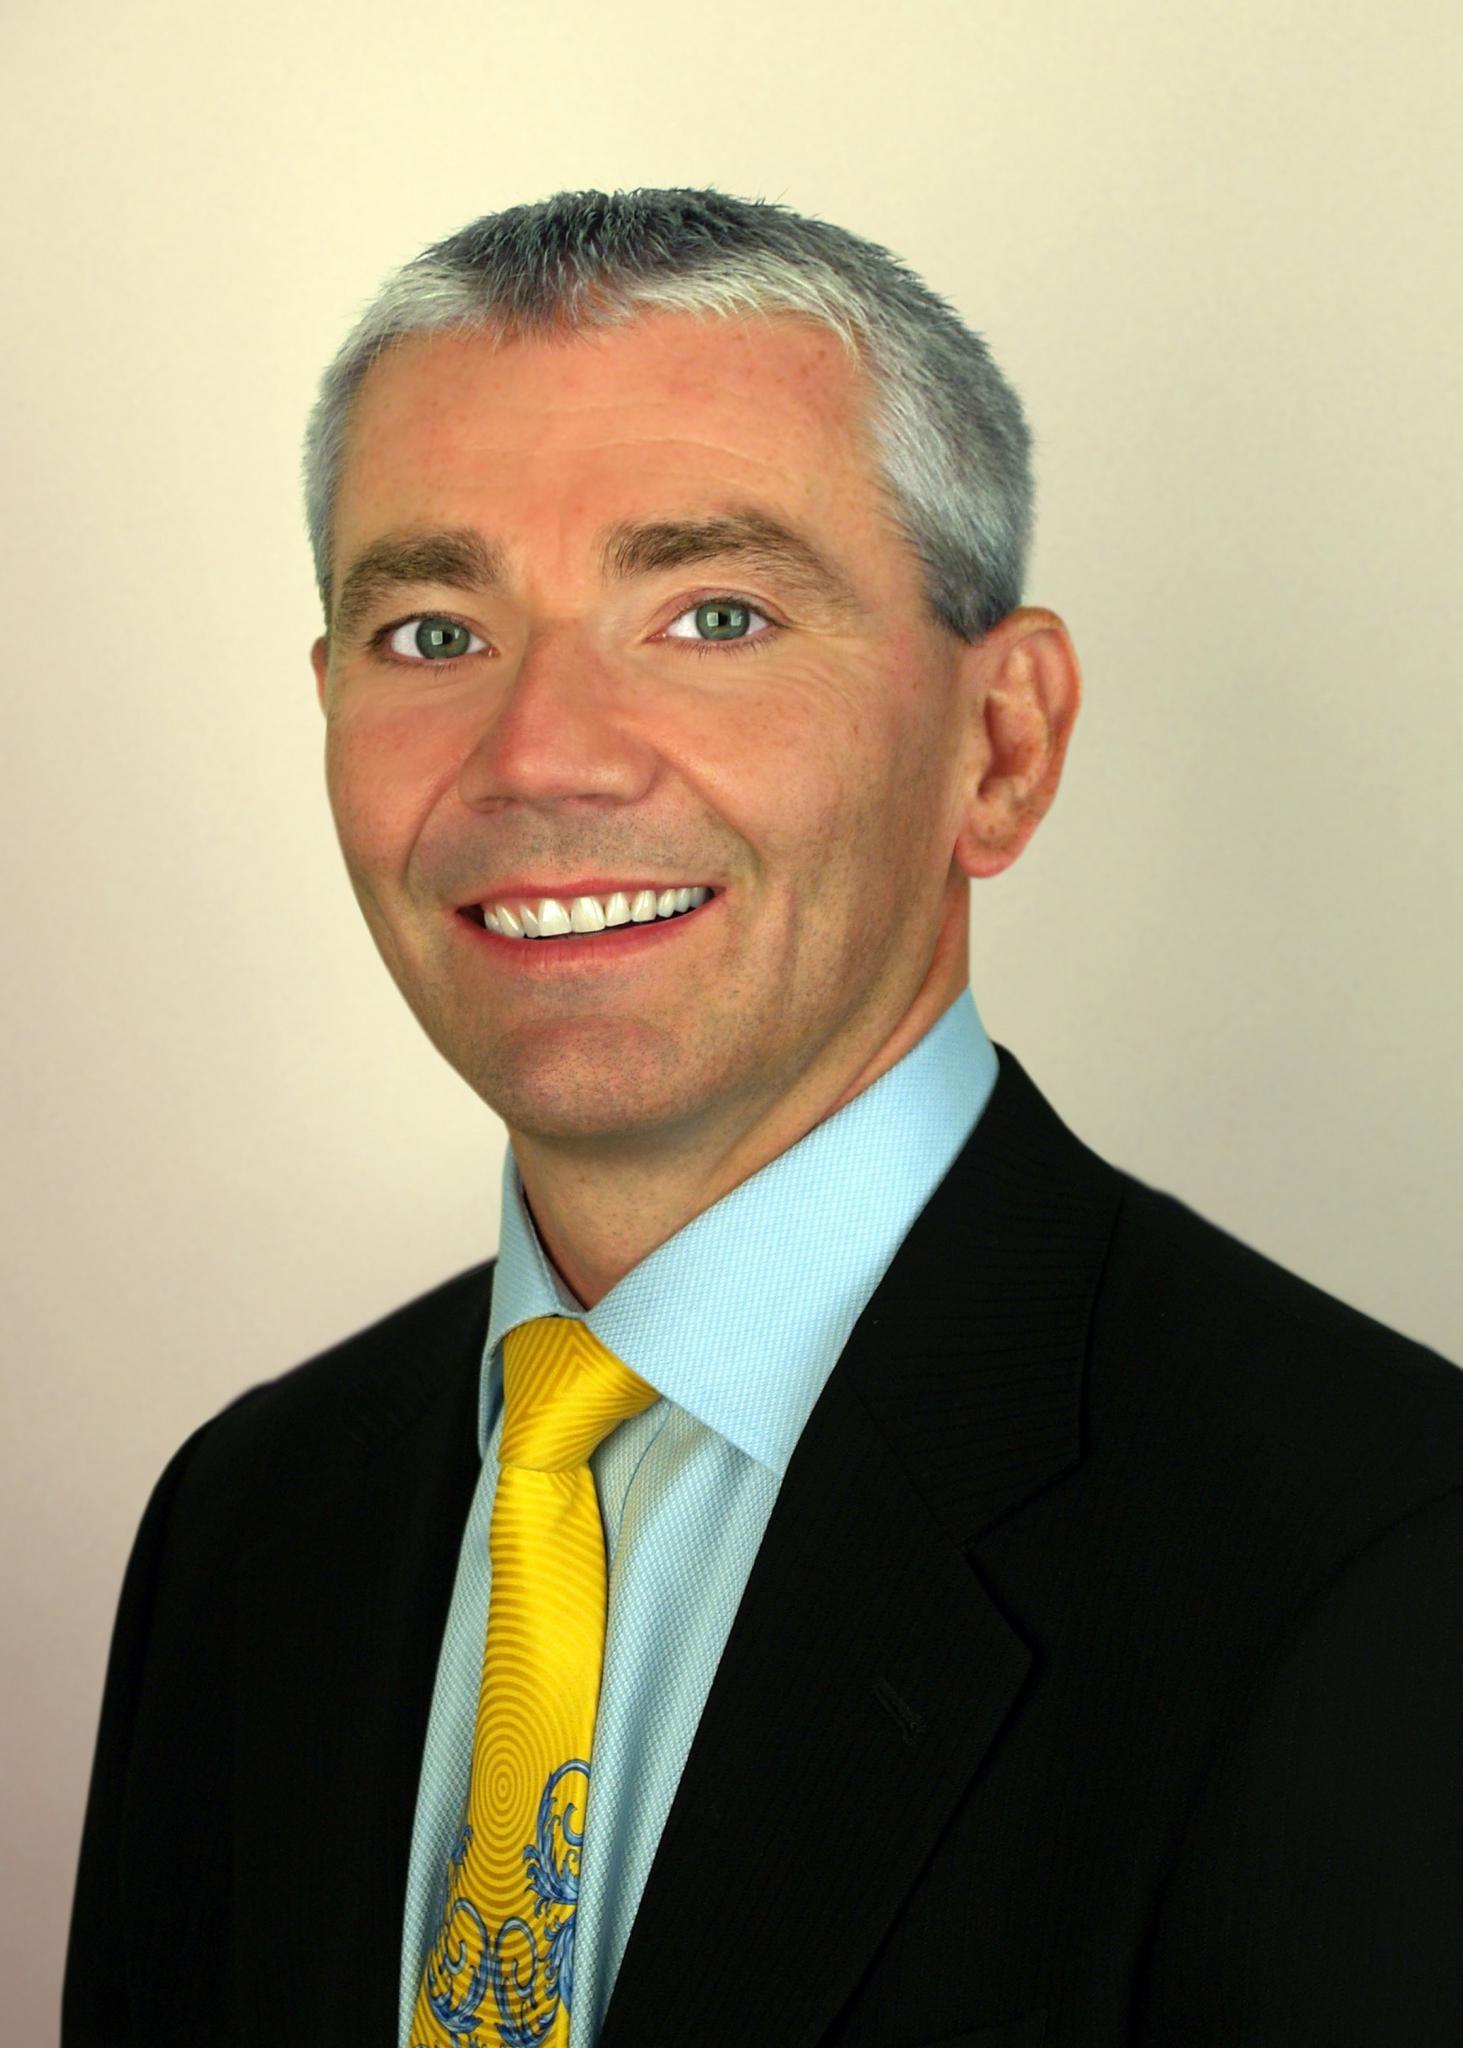 Merrick Kerr